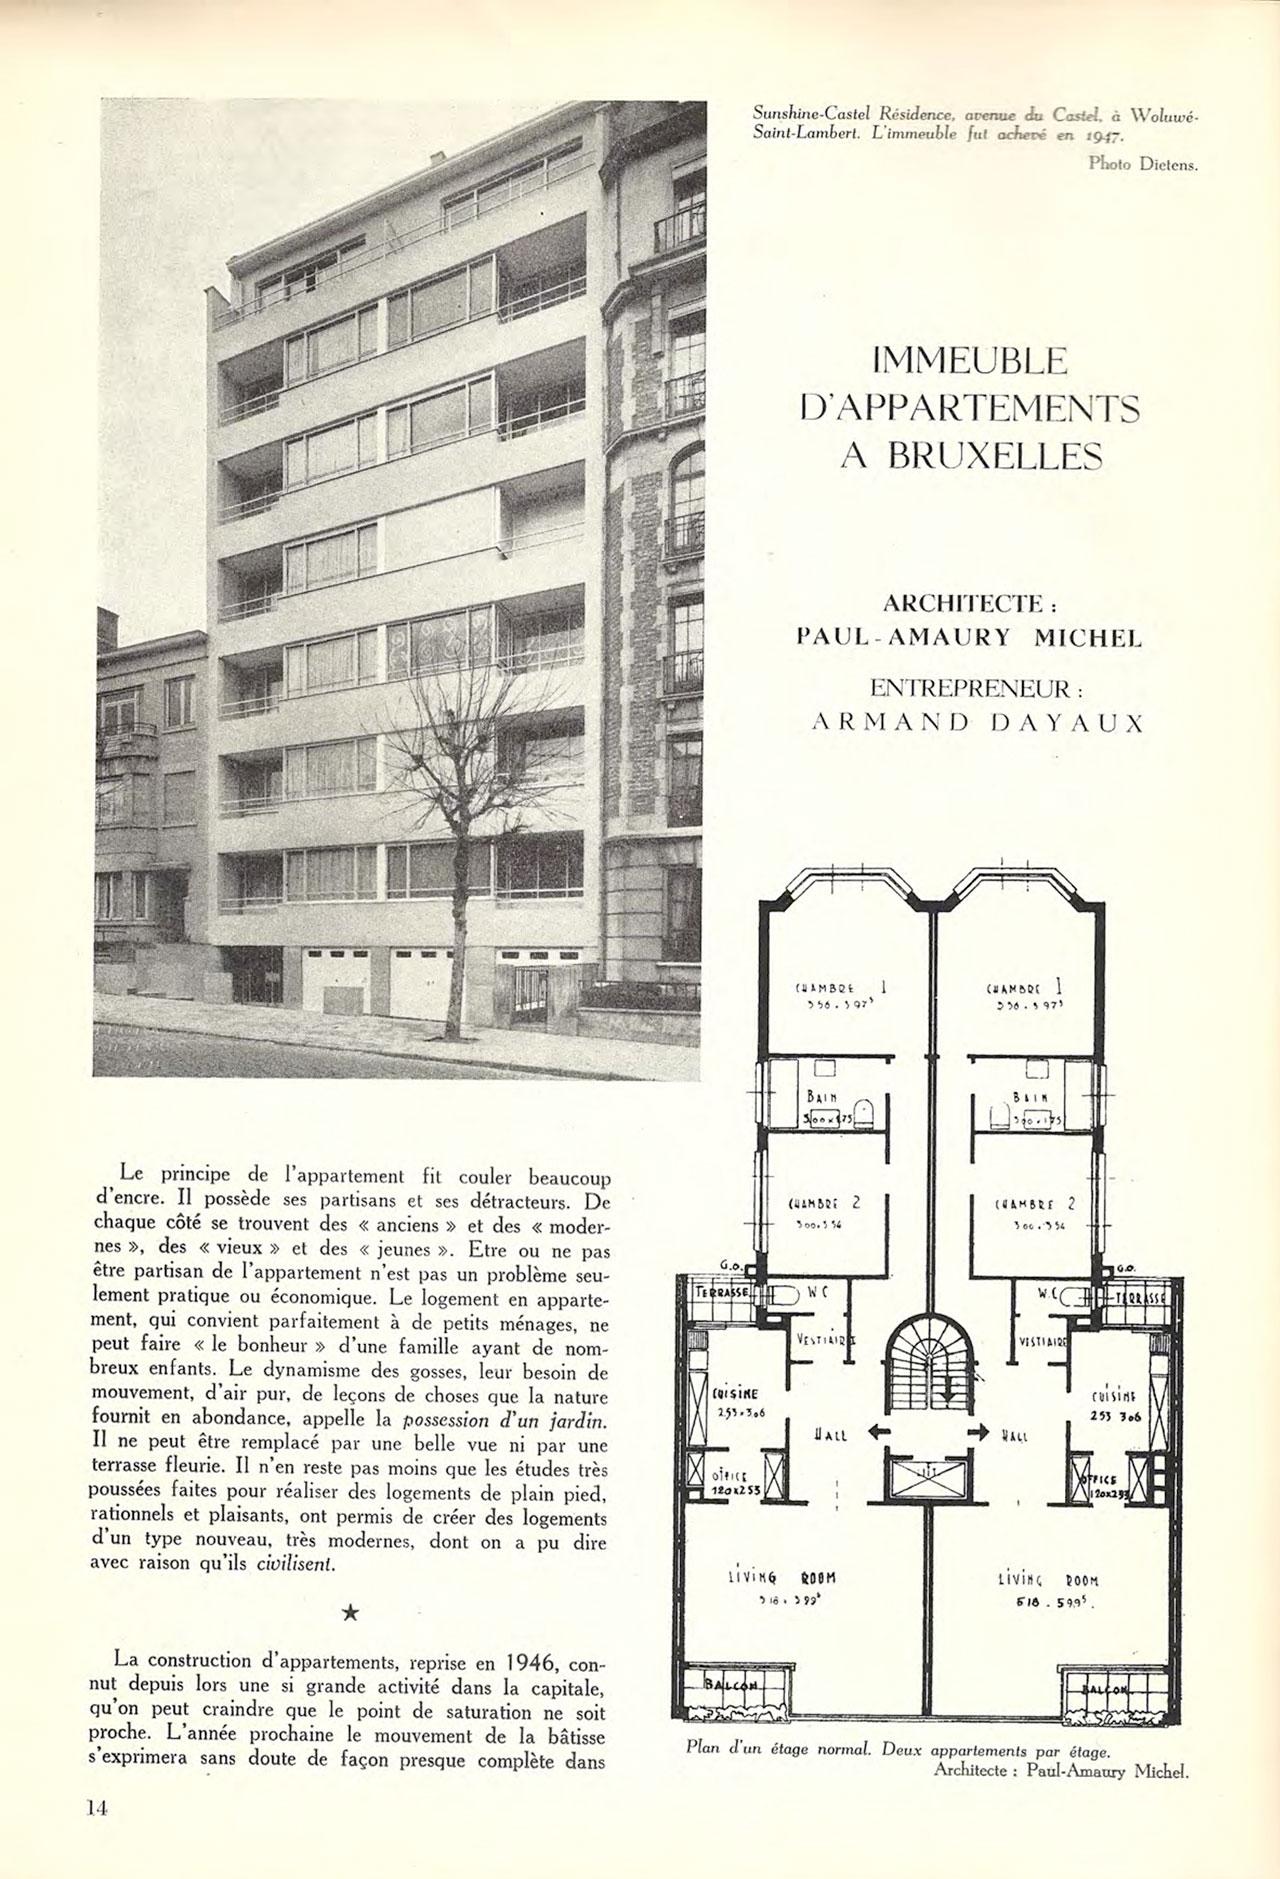 Immeuble d'appartements à Bruxelles